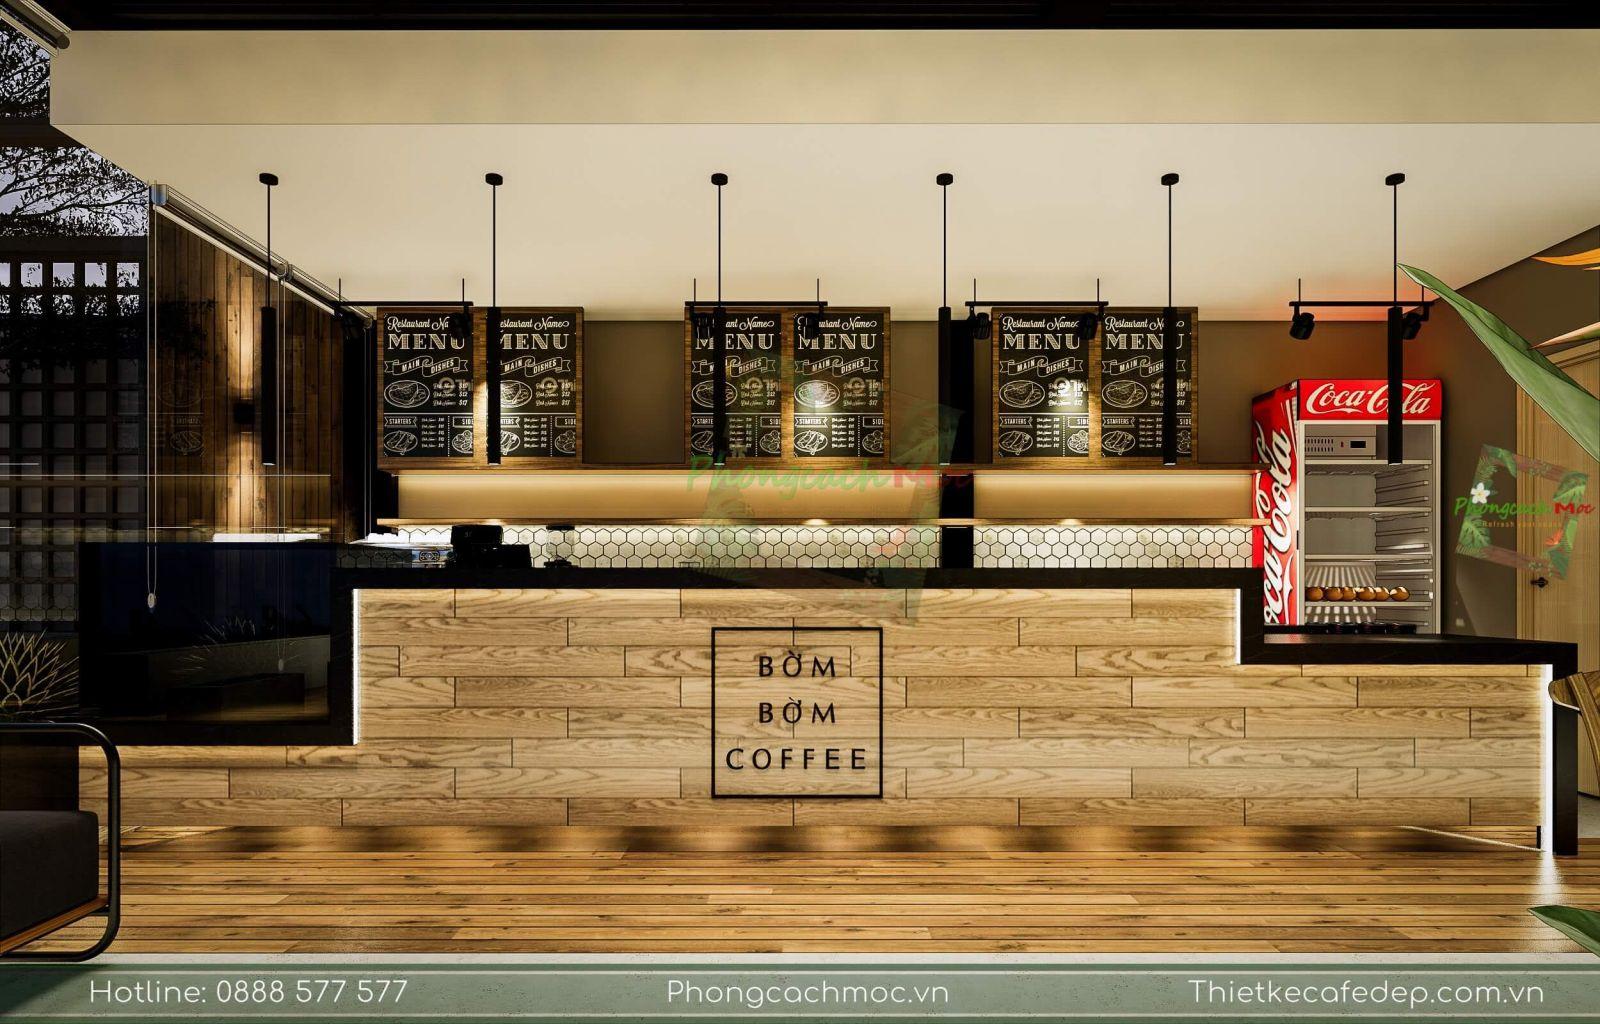 pcm thiết kế quầy bar gỗ nội thất quán cafe